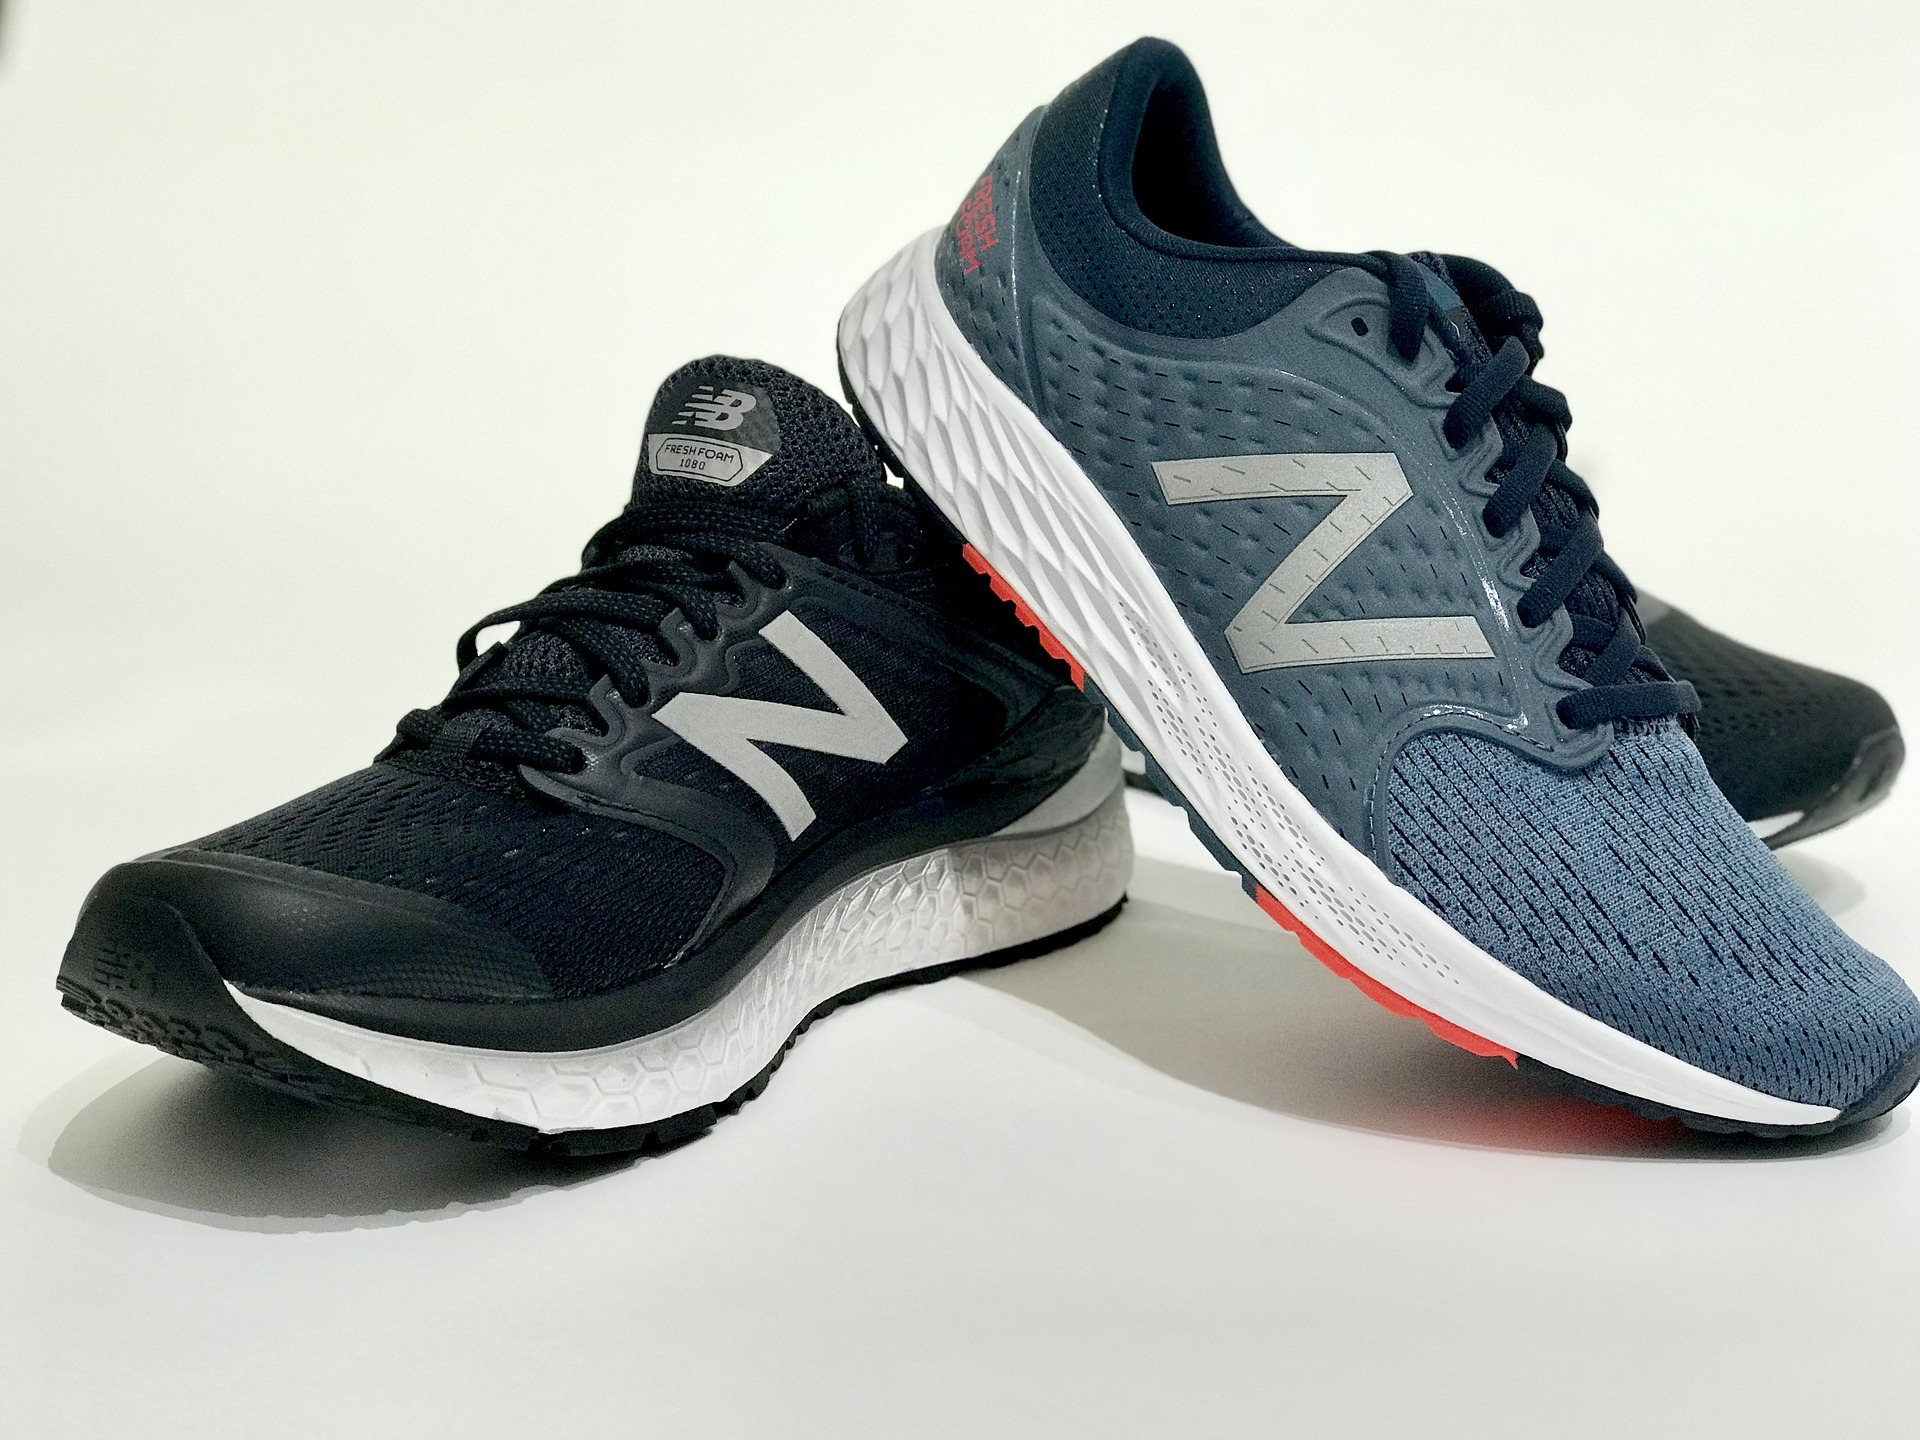 Zapatillas New Balance con la N como símbolo de identidad